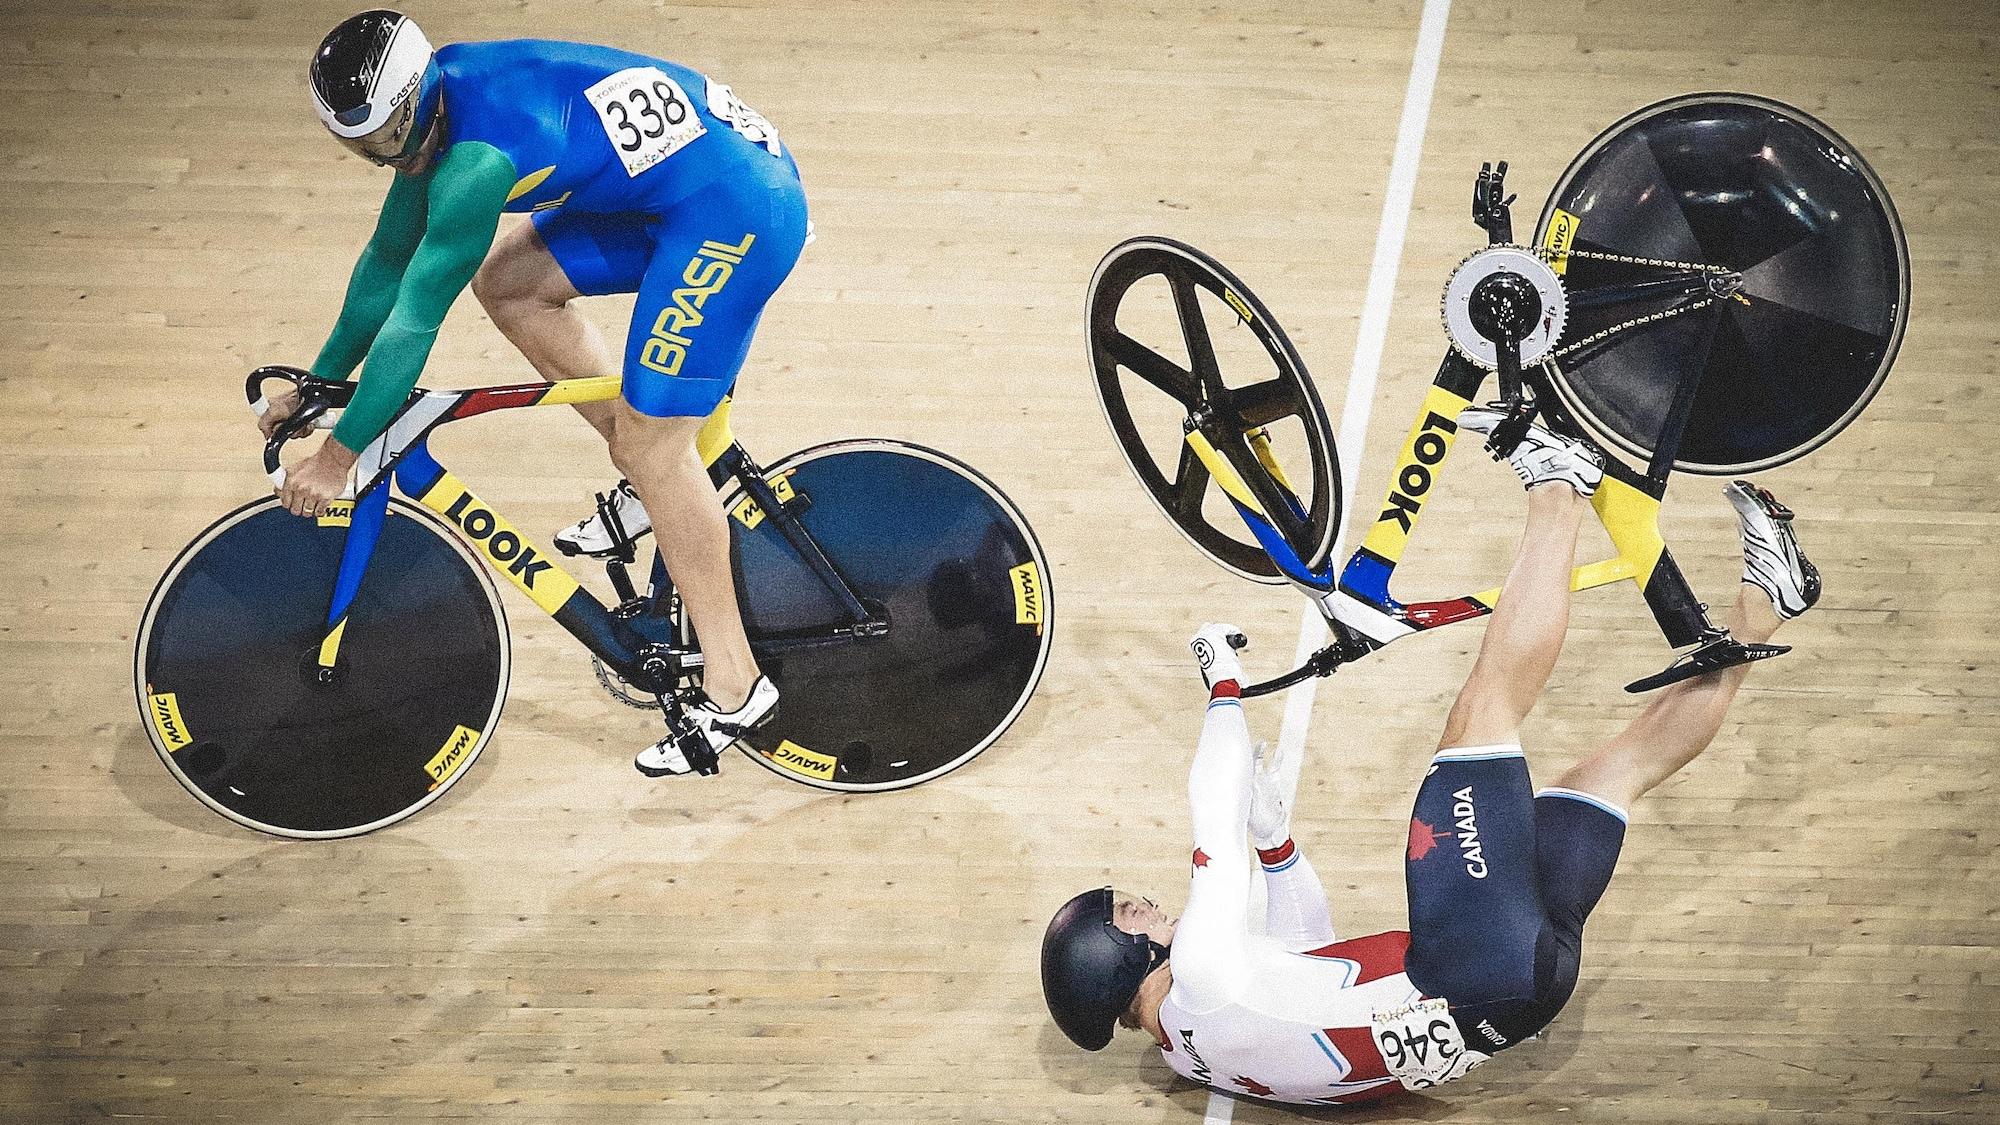 Hugo Barrette chute sur la piste du vélodrome pendant une course.